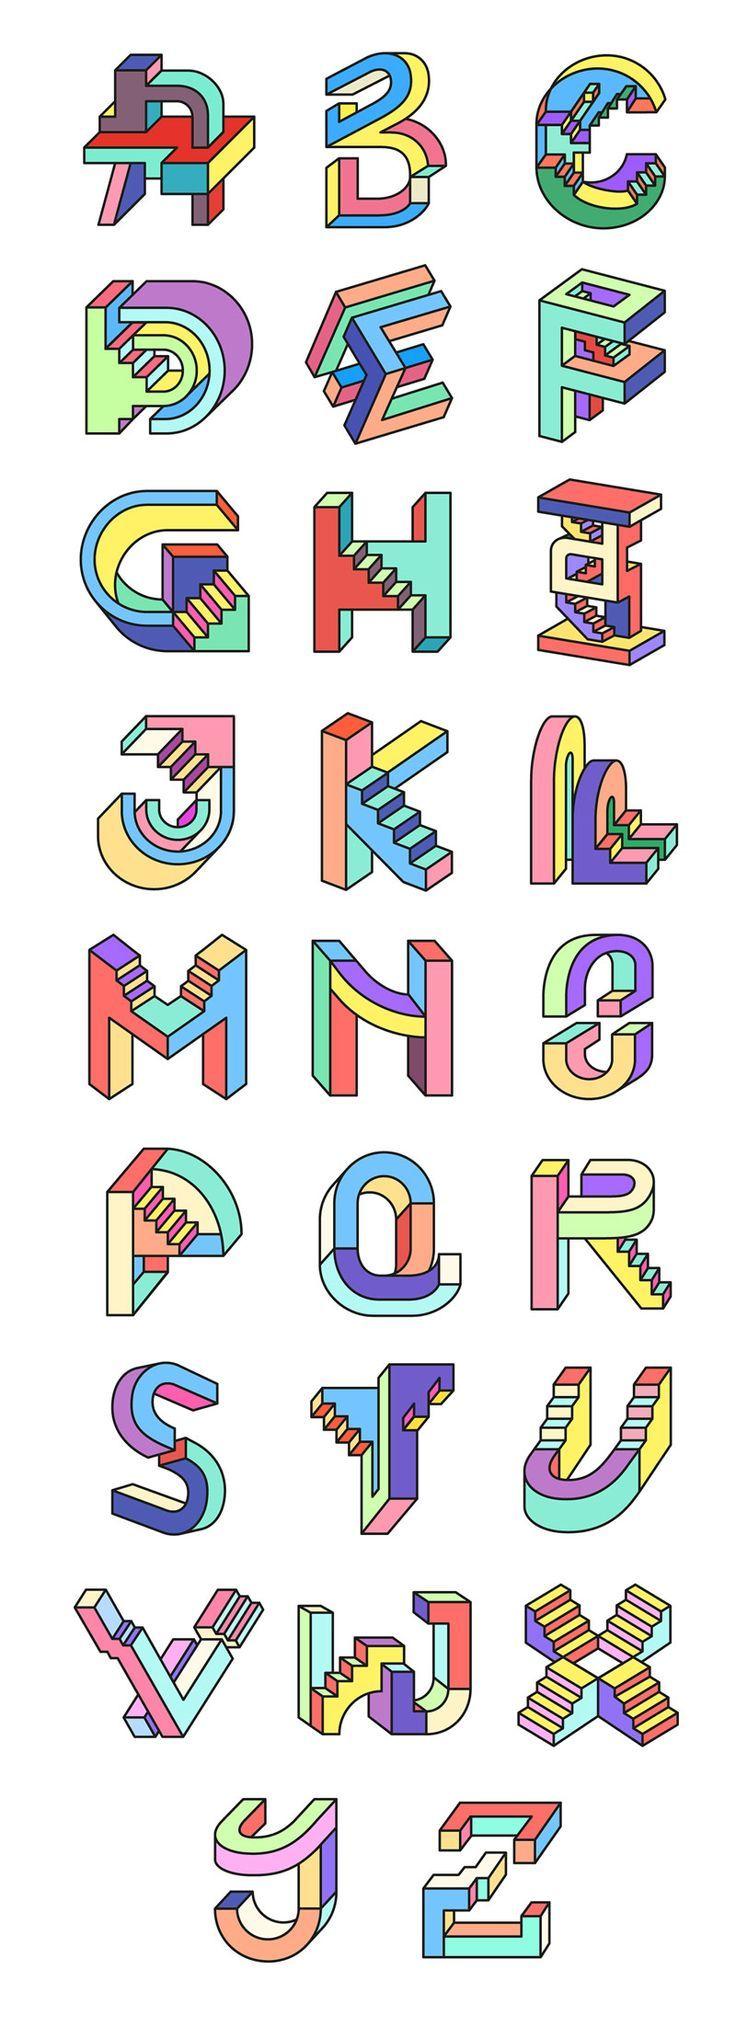 #36DaysofType ©️️ Rafa Goicoechea I Diseño, tipografia I Coctel Demente-AZ